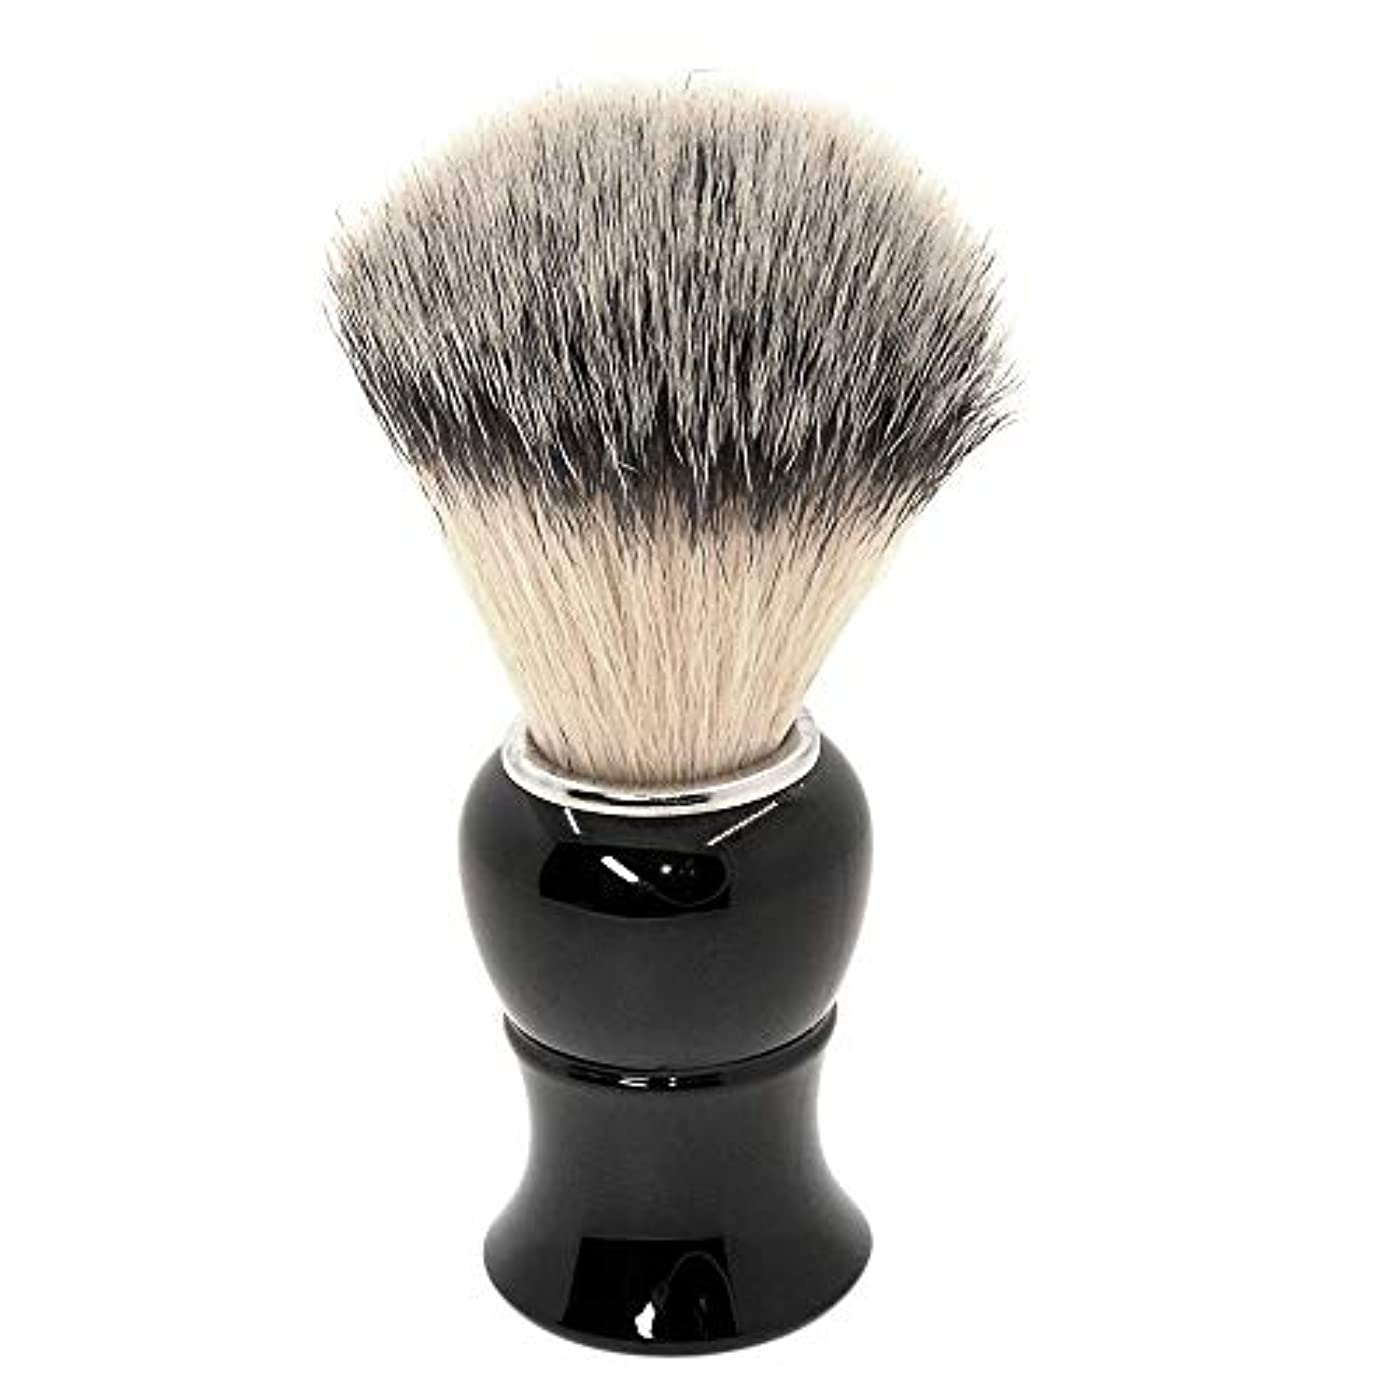 眉をひそめる期待して私たち自身あごひげケア 美容ツール シェービング ブラシ 泡立ち アナグマ 毛 理容 洗顔 髭剃り マッサージ 効果